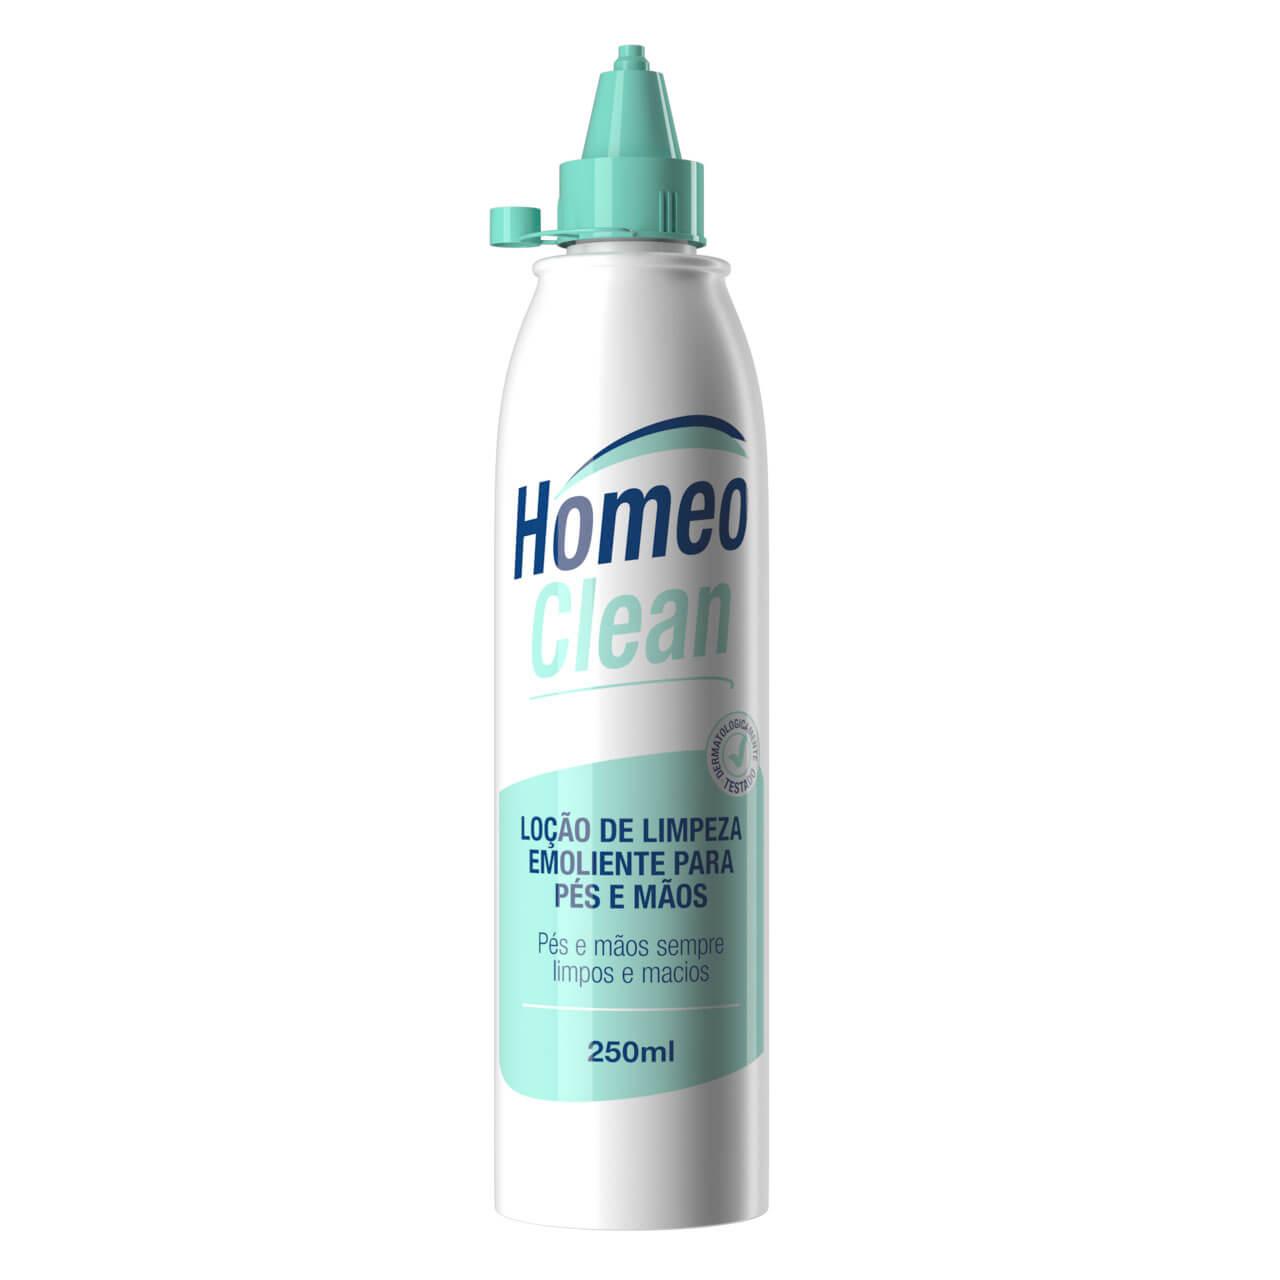 HomeoClean Loção de limpeza emoliente para pés e mãos